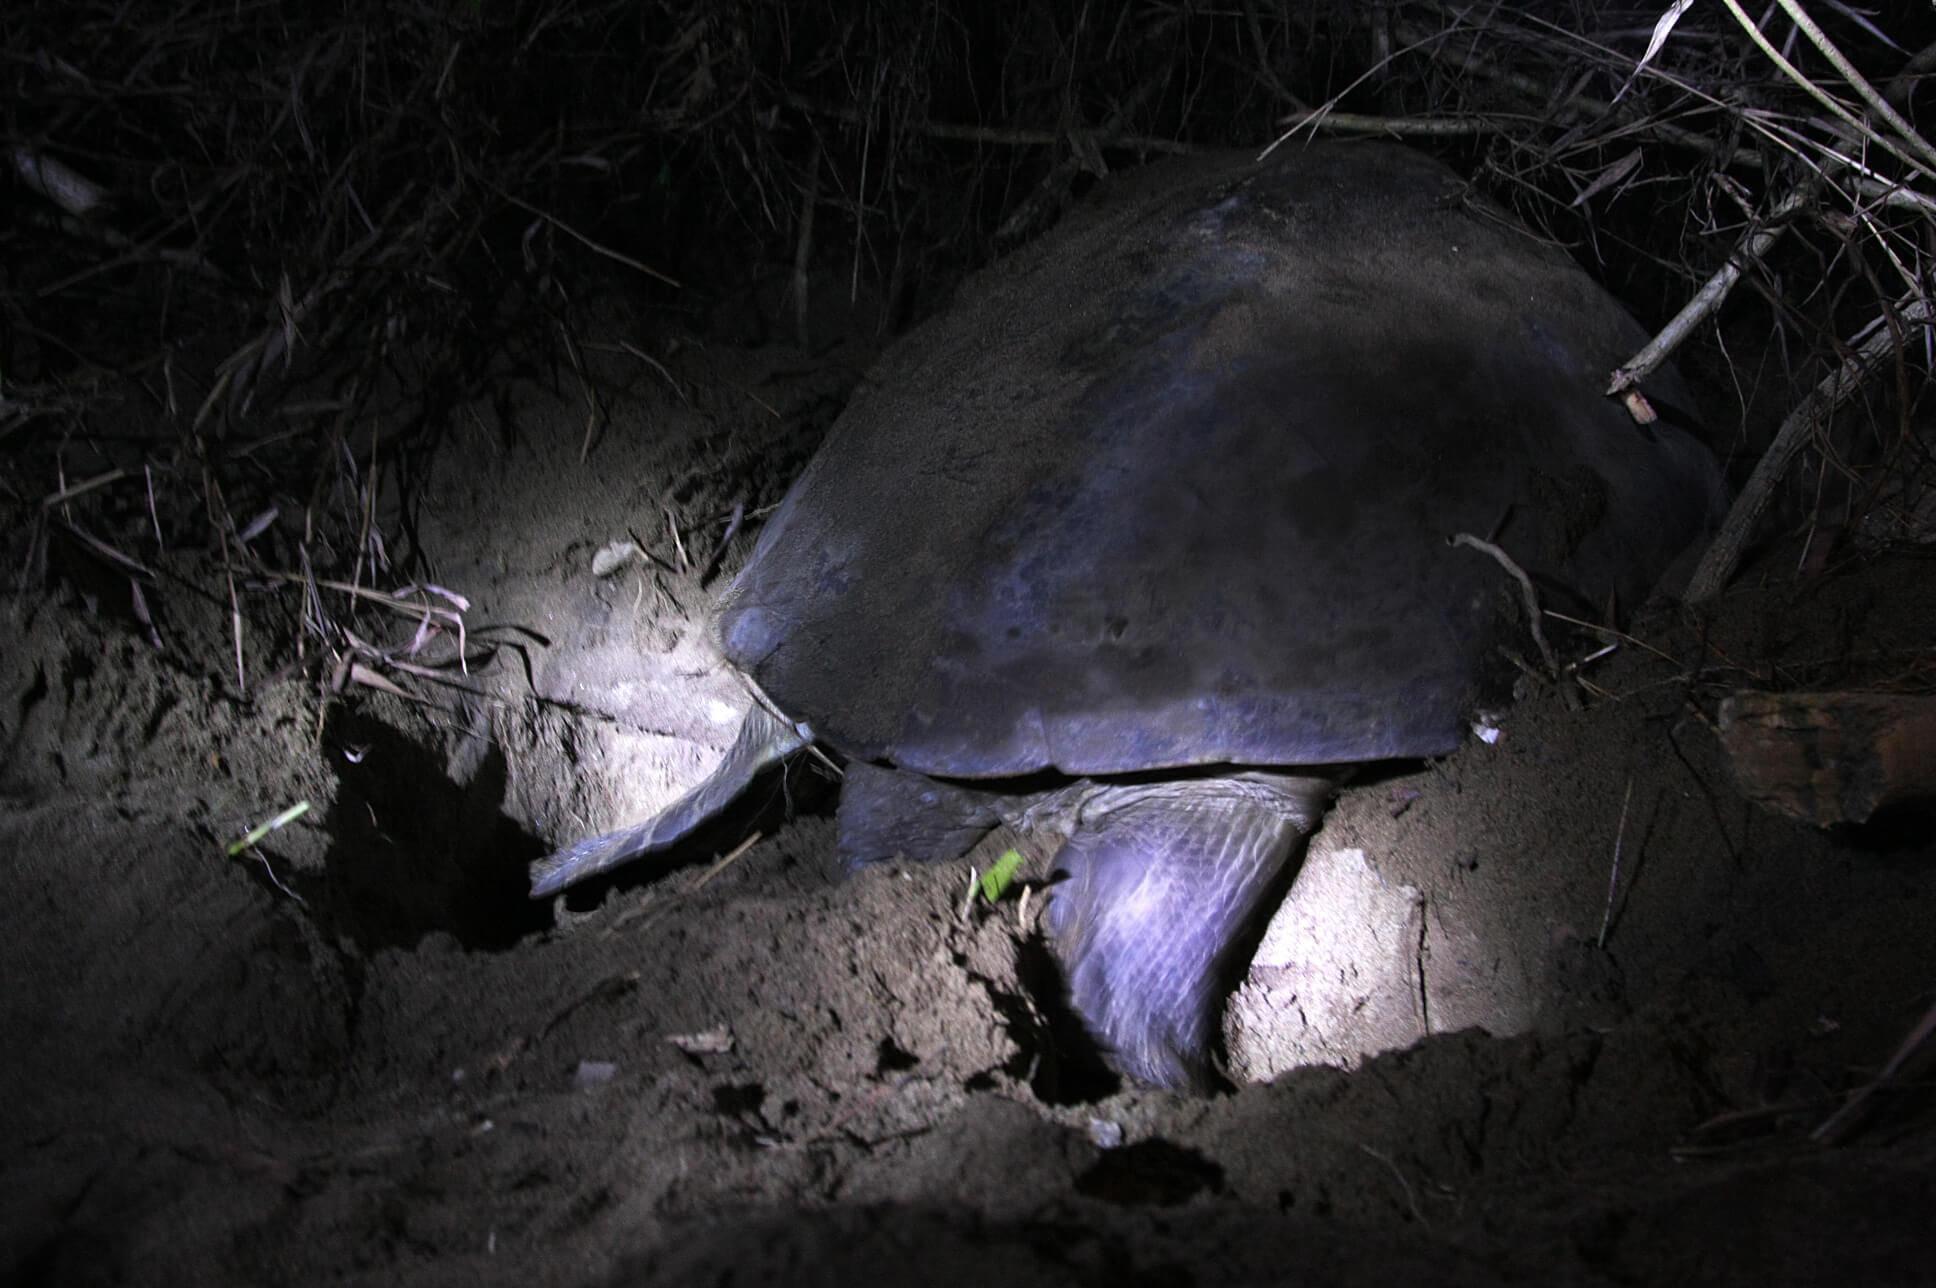 Ponte des tortues a sukamade